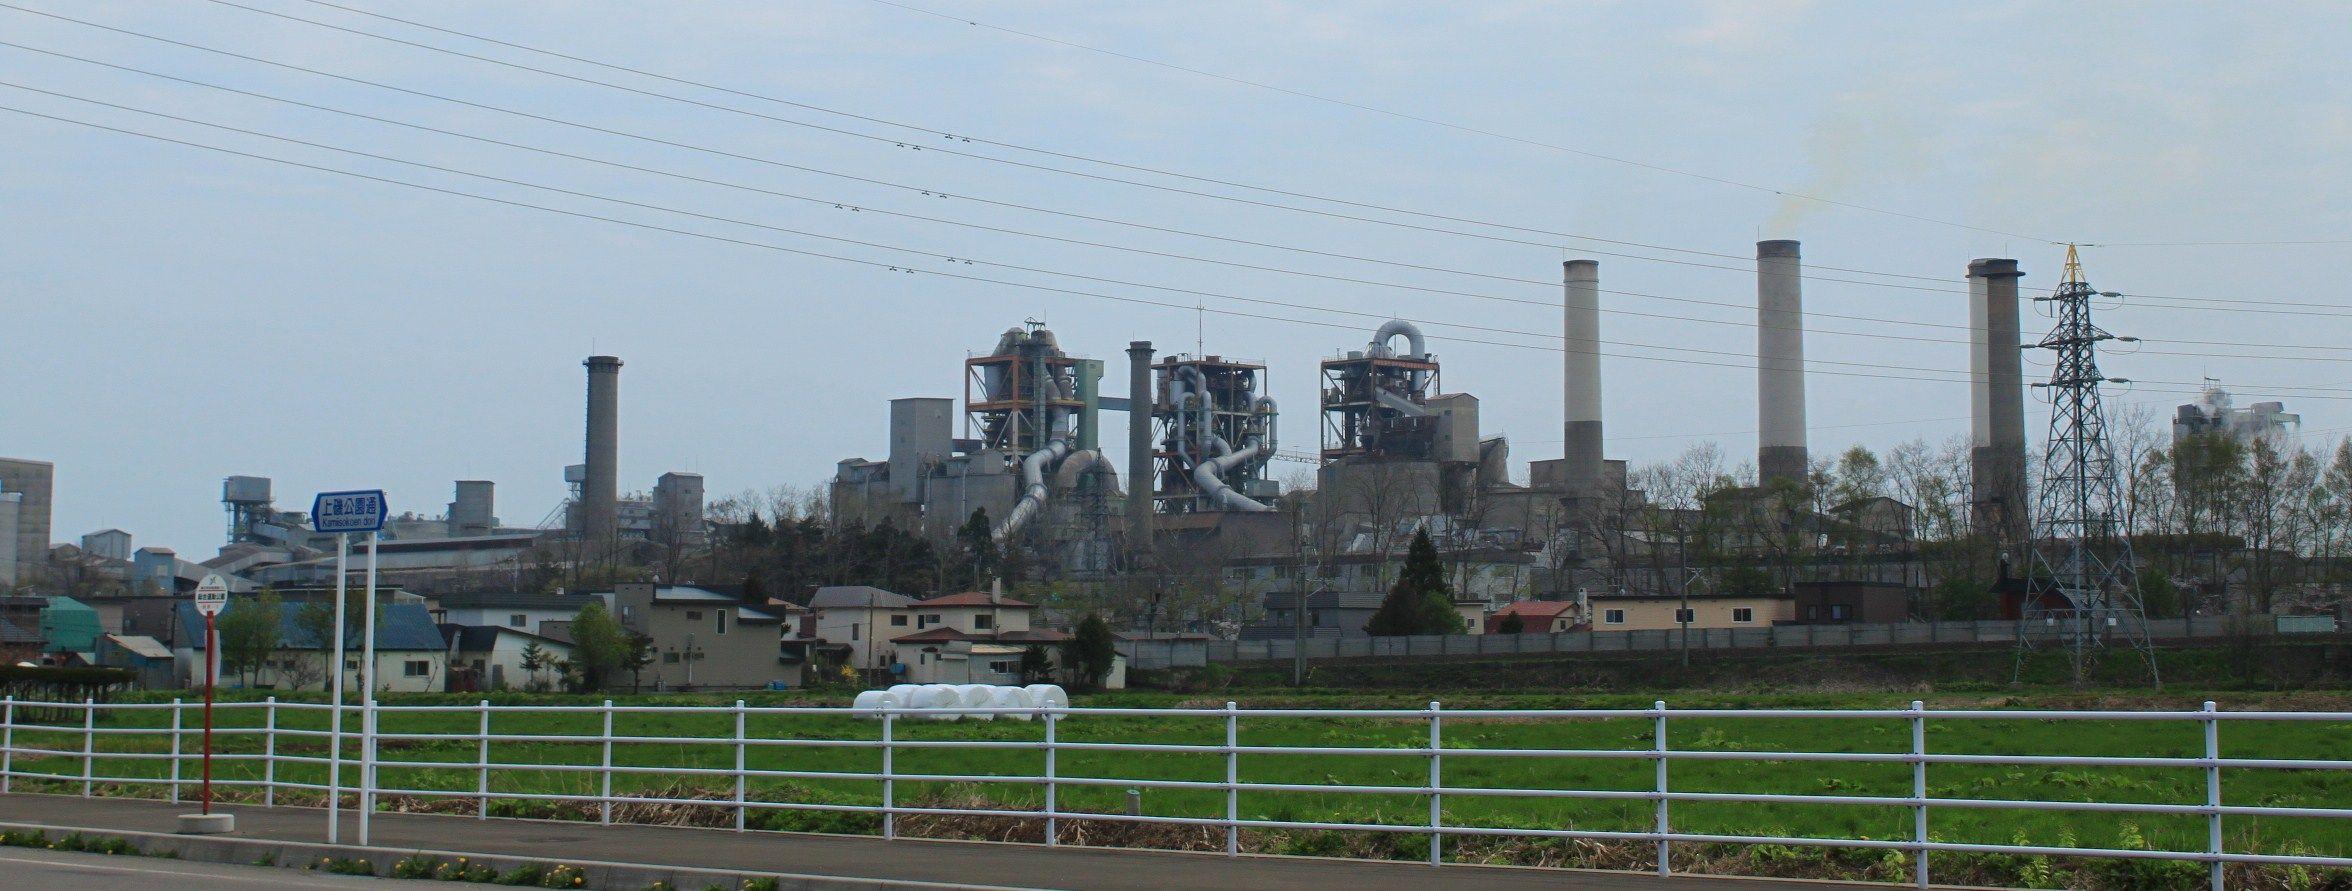 ��������� sorairo coal mine �����������10�����